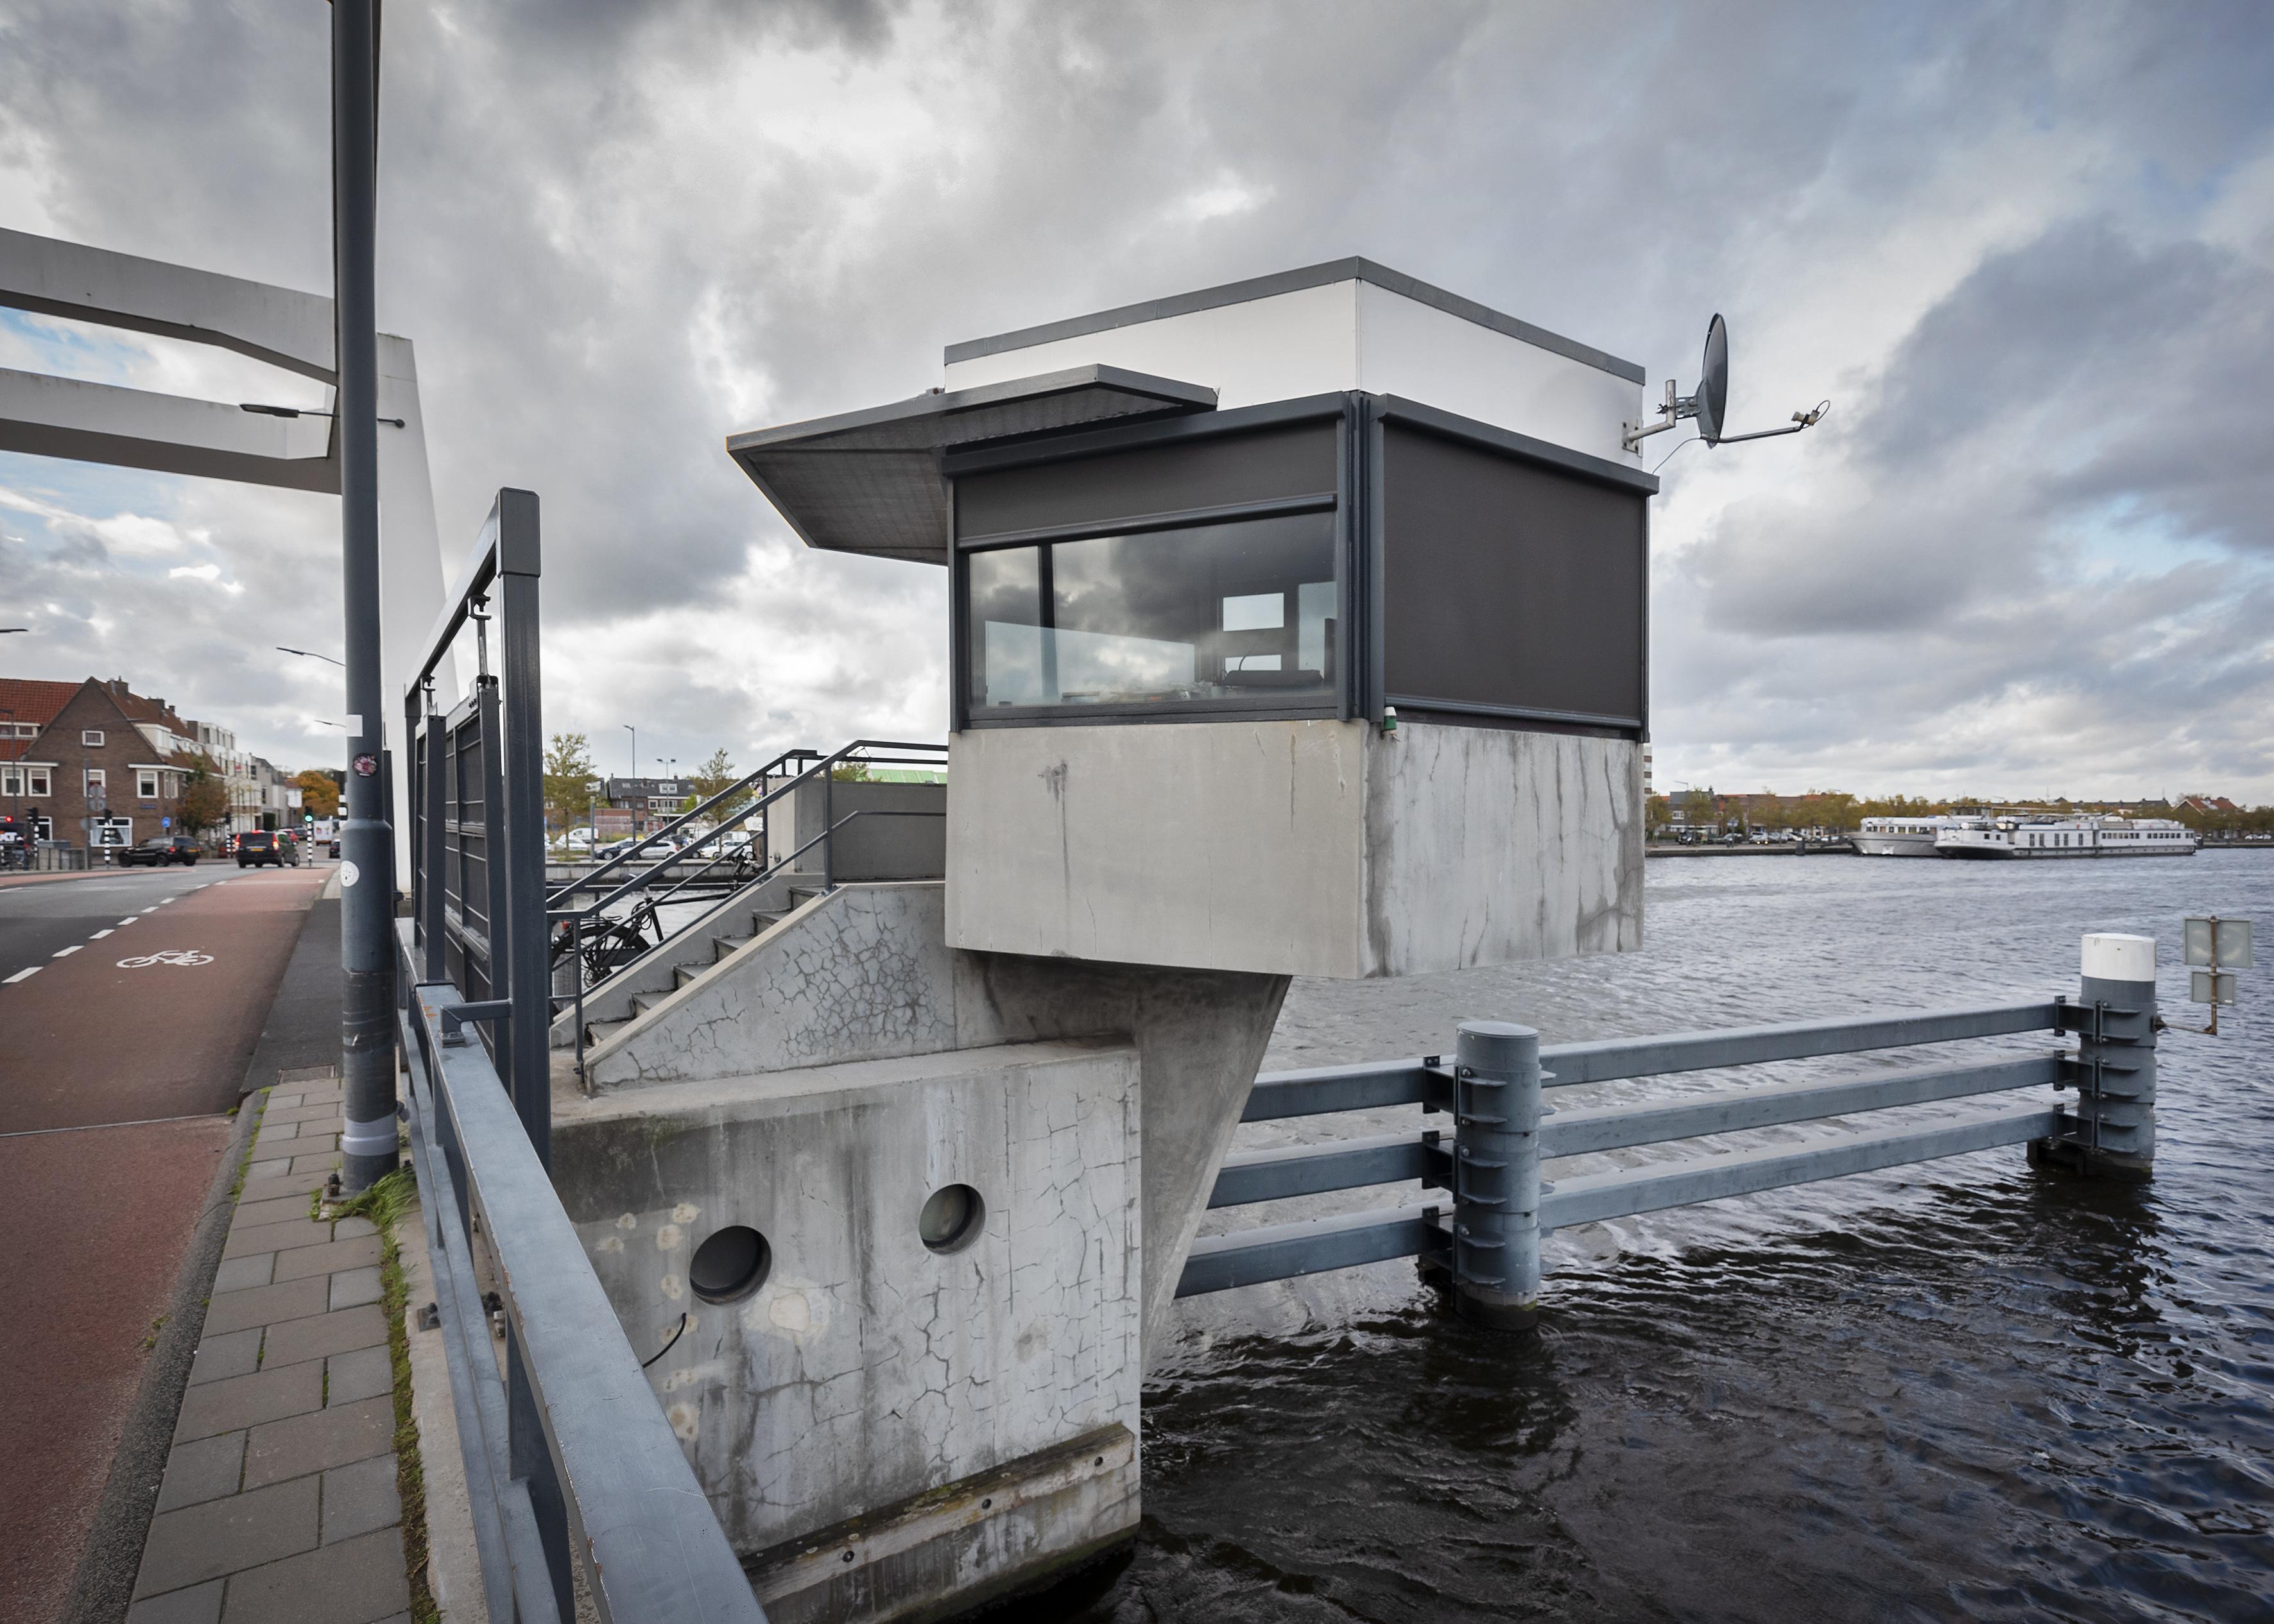 Einde nadert voor drie brugwachtershuisjes: Haarlem wil bruggen centraal bedienen